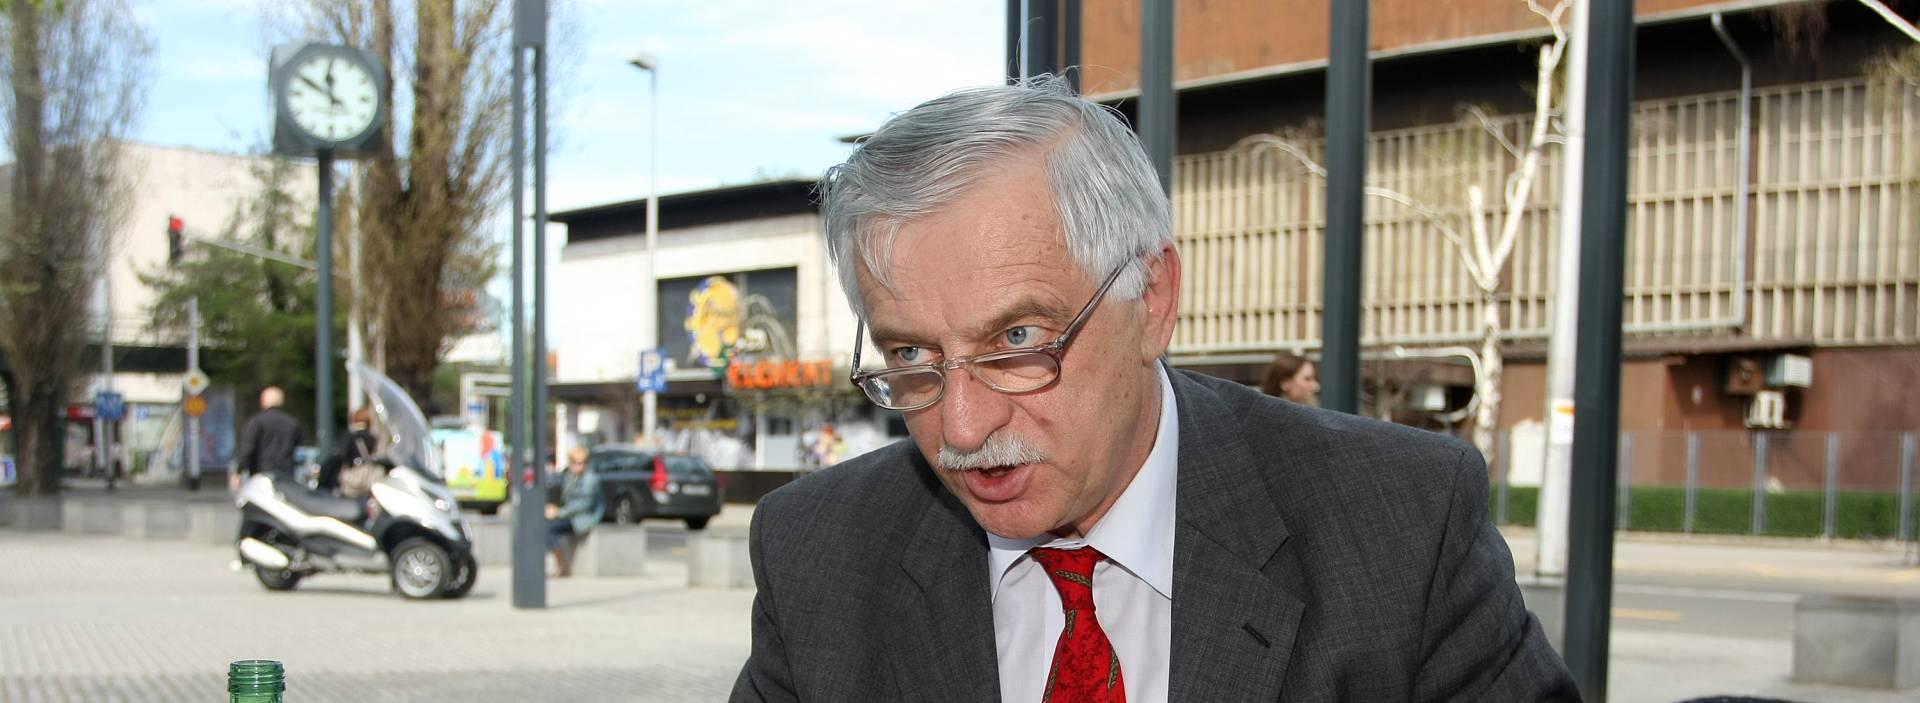 """PROČITAJTE U NACIONALU: Anđelko Jagečić: """"Pavle Gaži želio je uništiti INU i Podravku"""""""